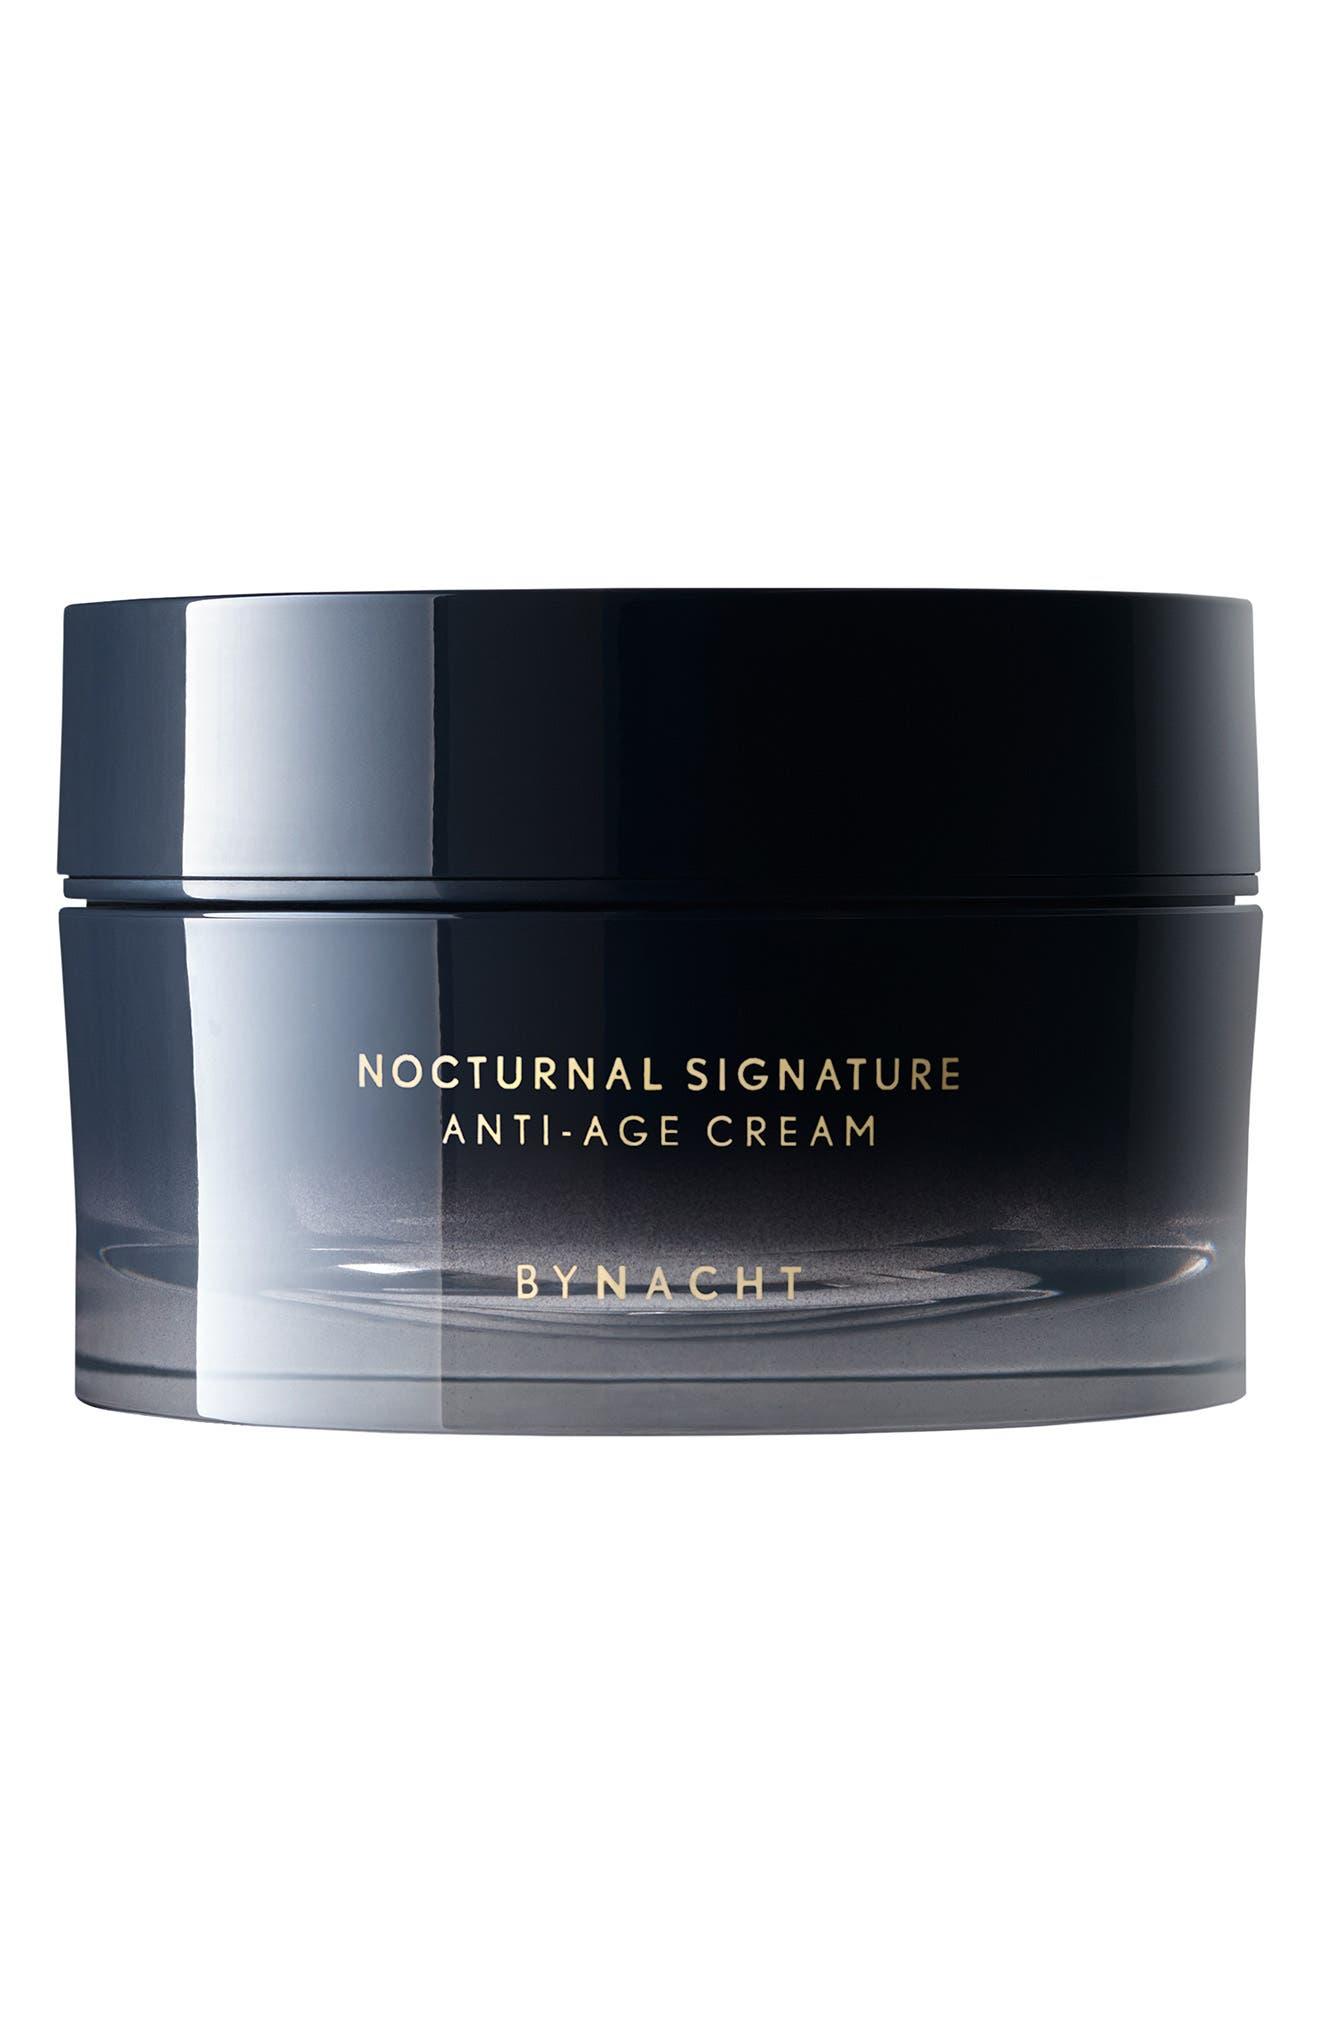 Nocturnal Signature Anti-Age Cream